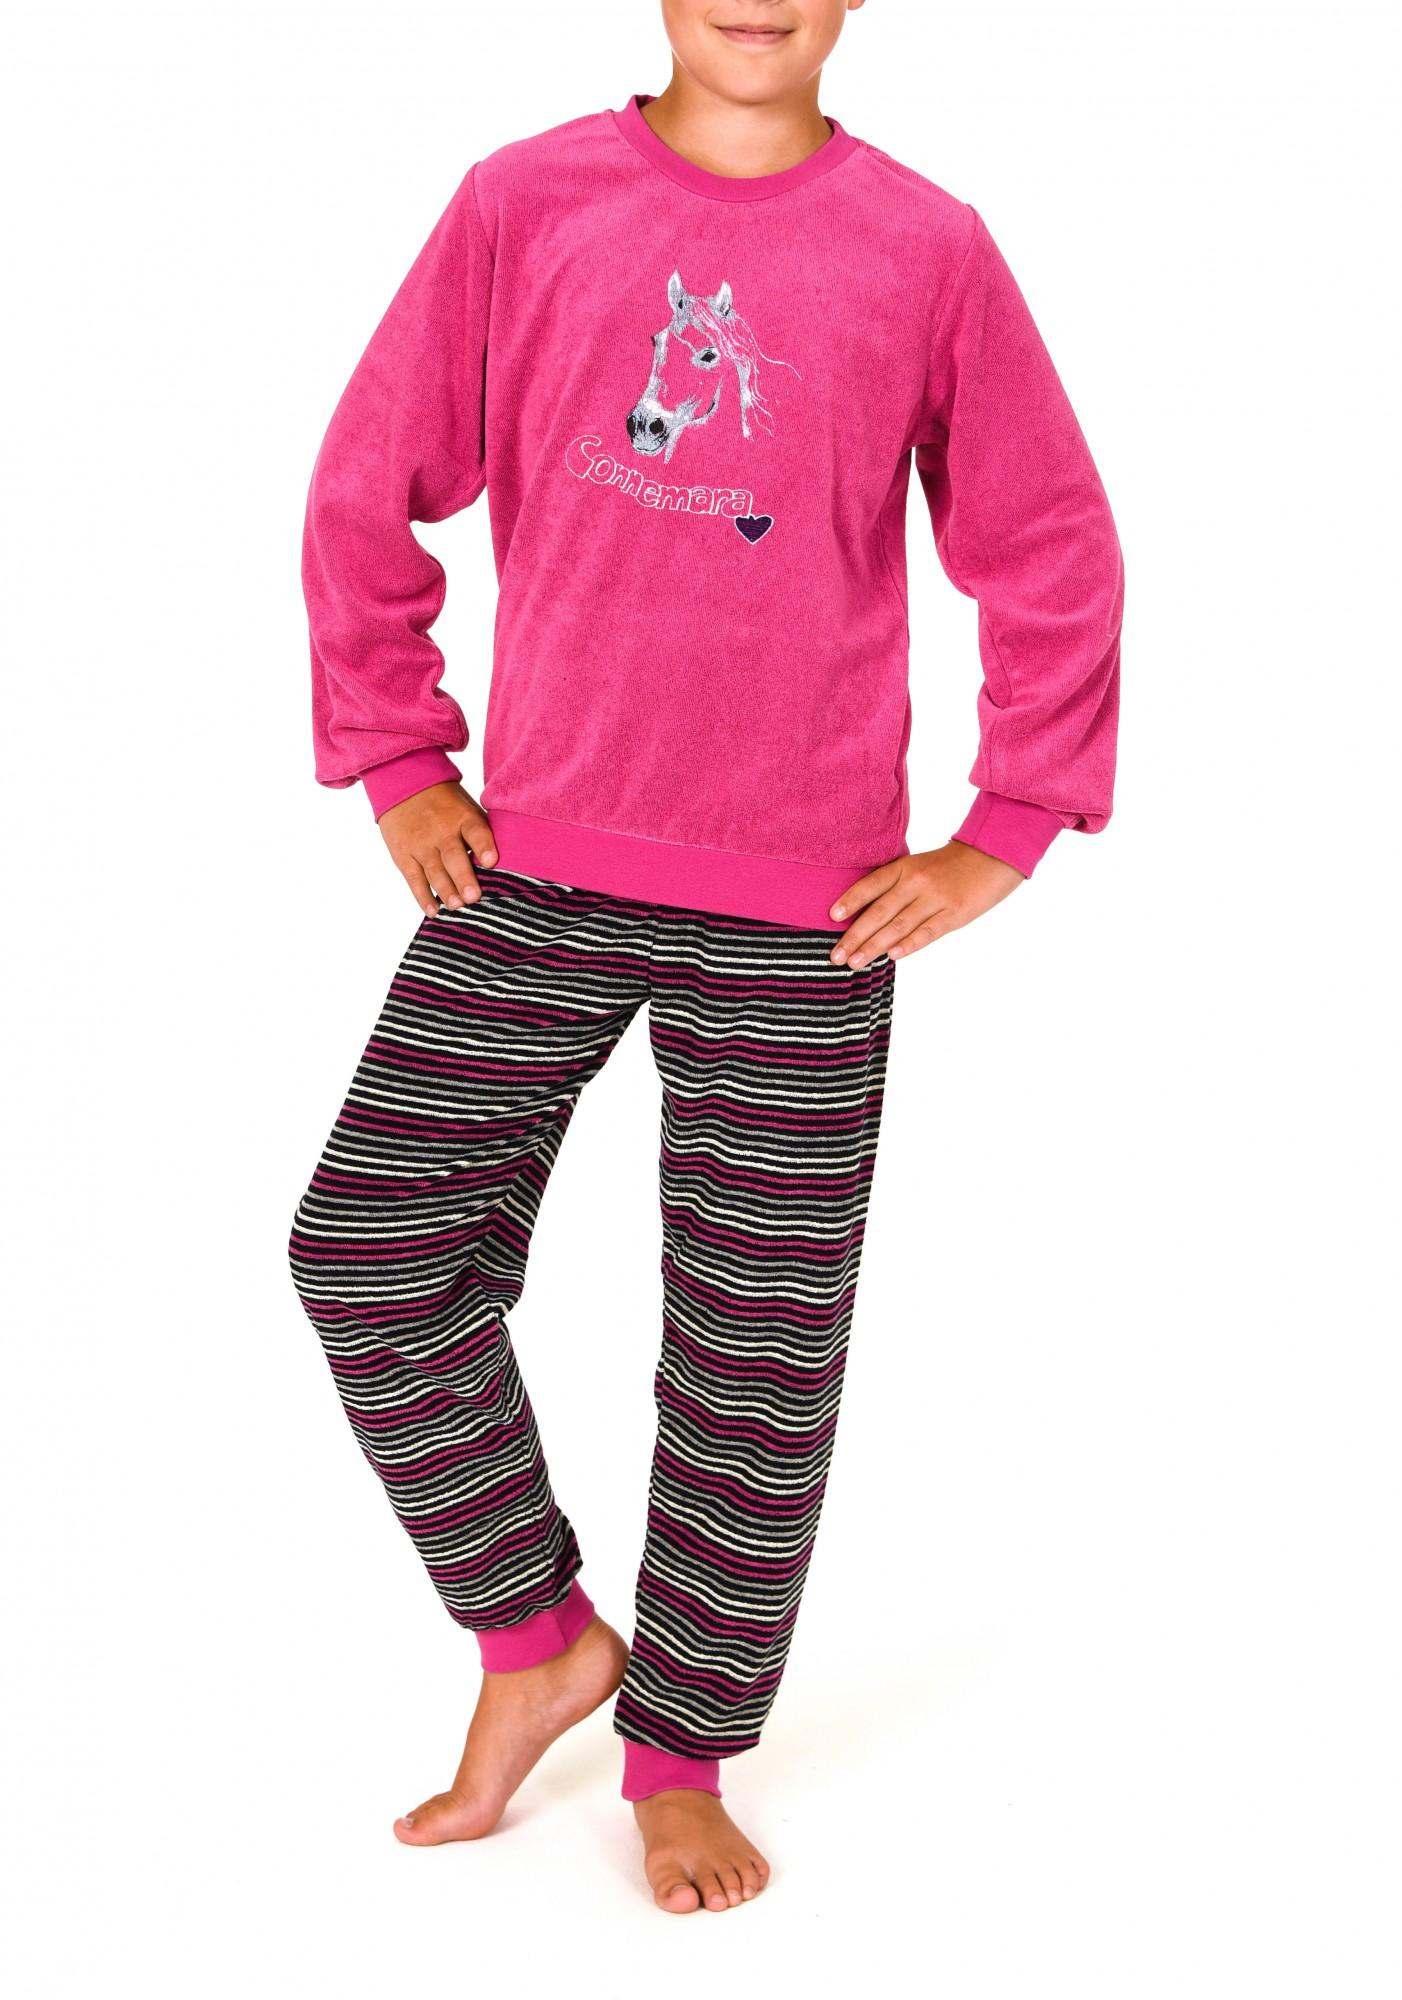 Mädchen Frottee Pyjama lang mit Bündchen   251 401 93 141 001